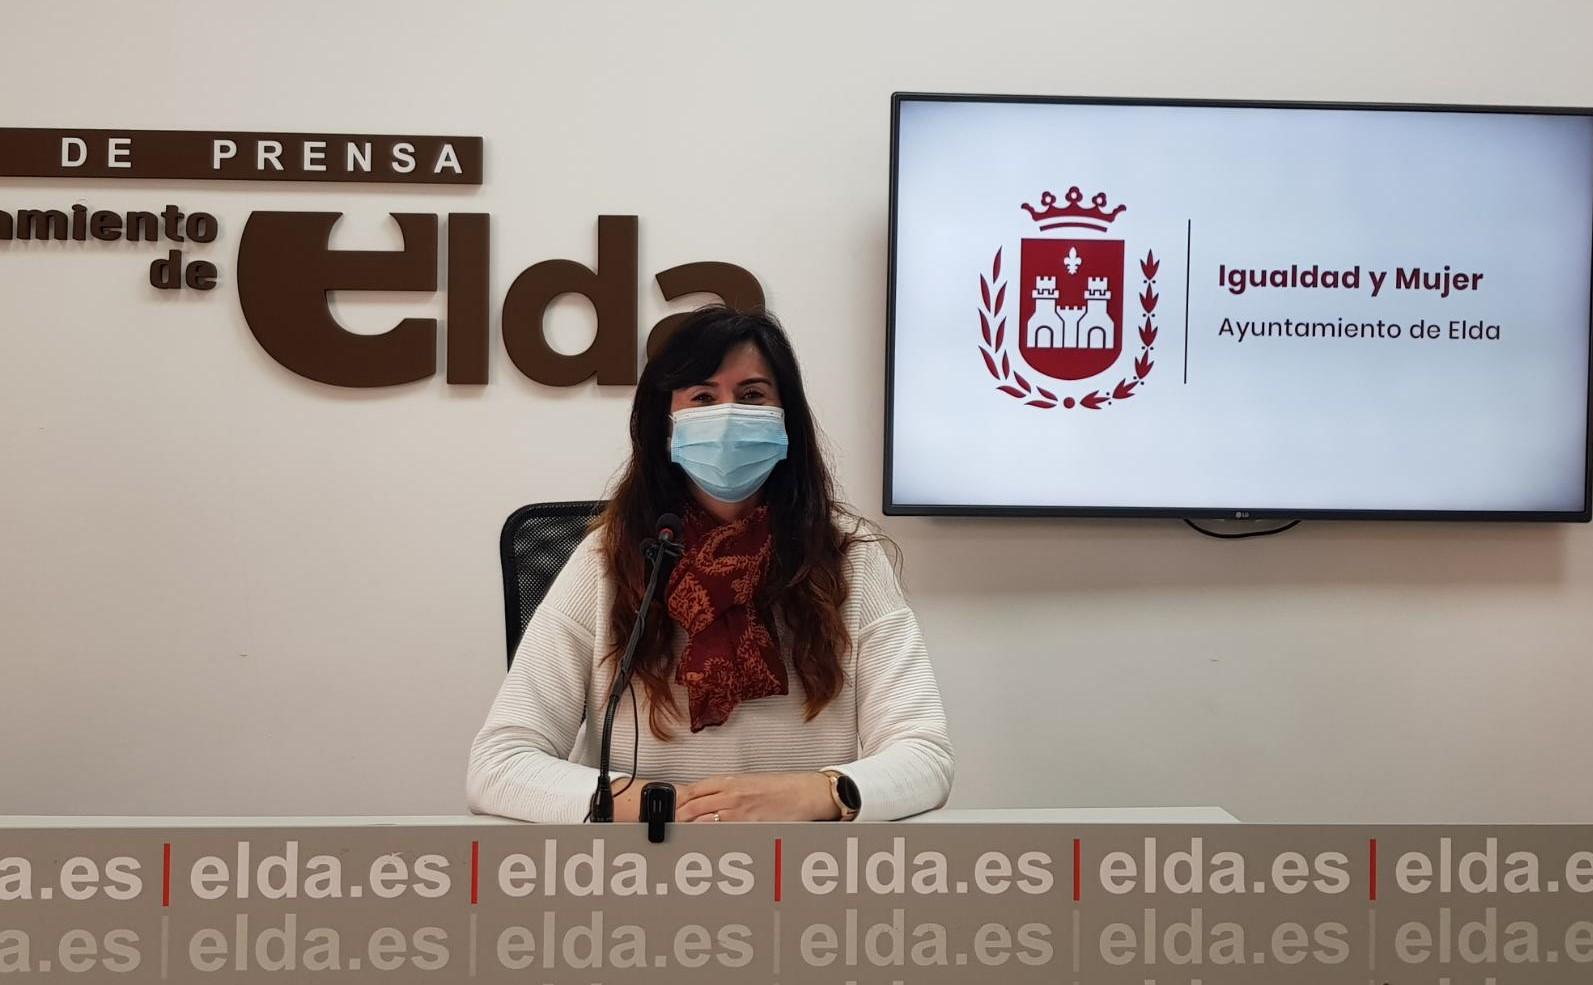 El Ayuntamiento de Elda completa la plantilla de la unidad de Igualdad con la incorporación de dos promotoras especializadas